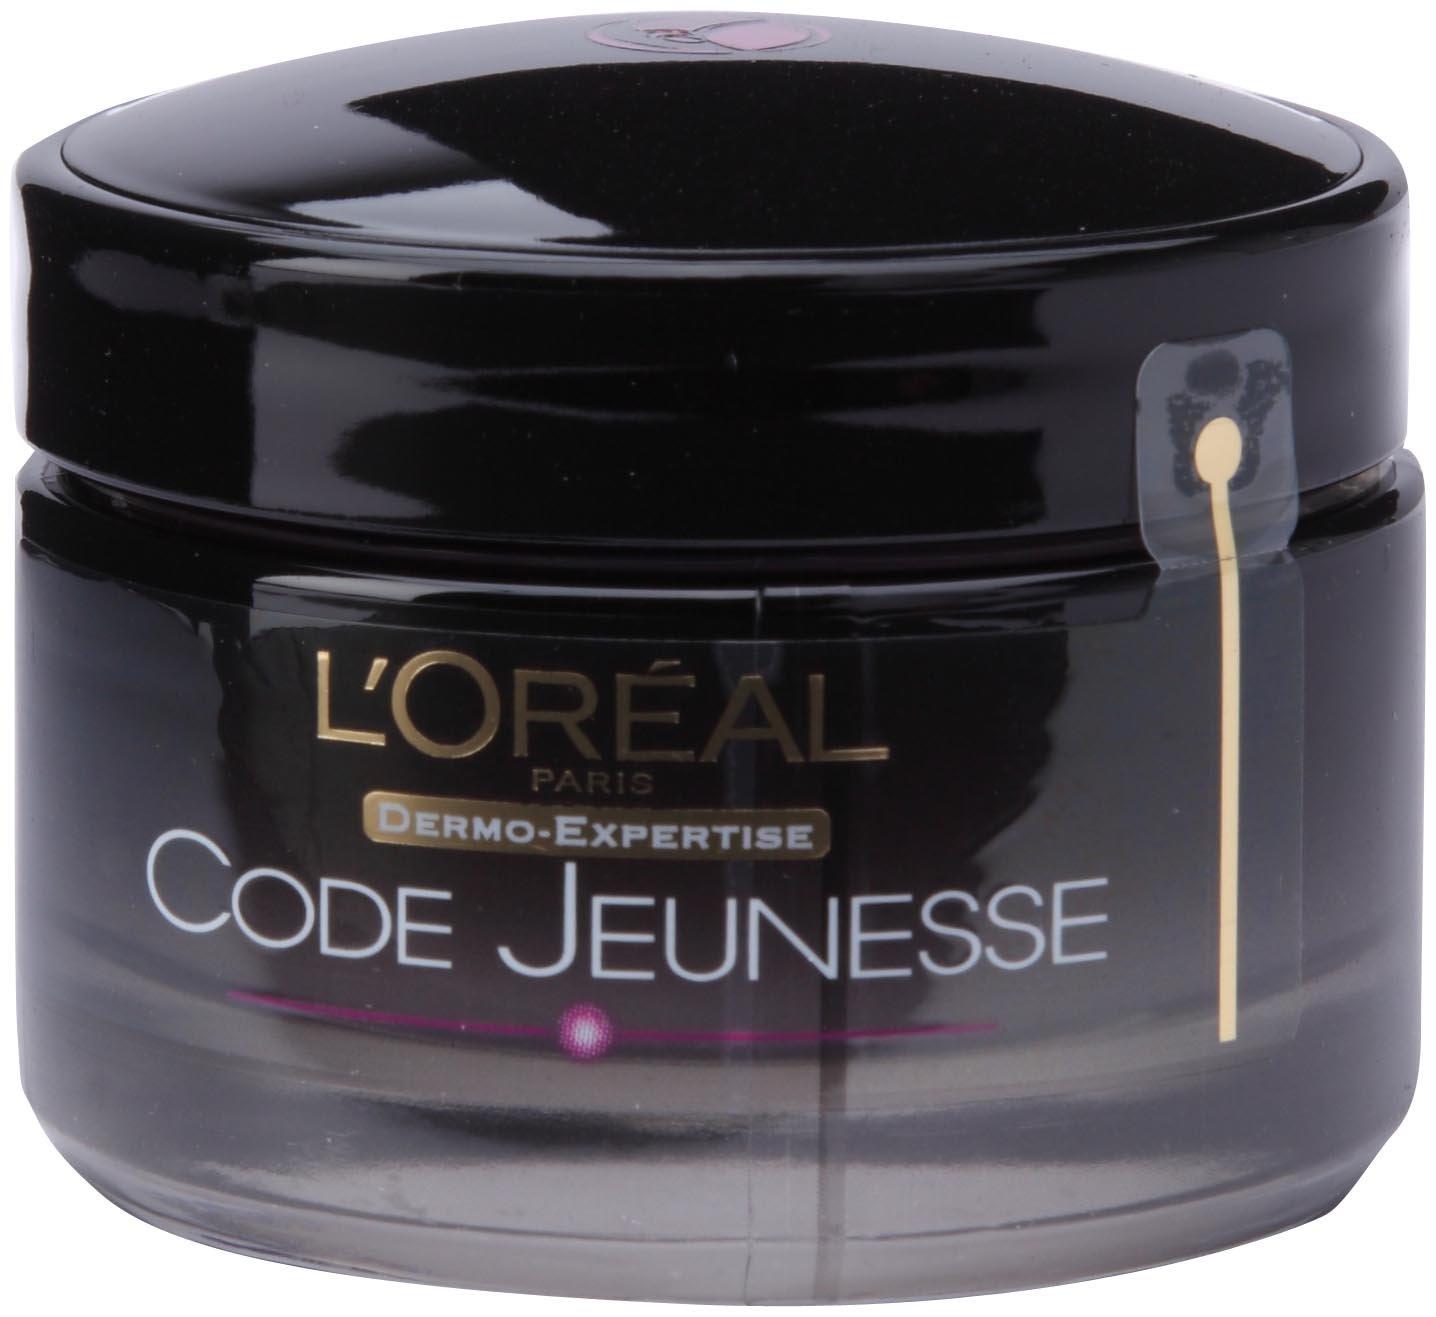 L'Oréal - Soin Récupérateur Nuit Anti-Rides Rajeunissant - Code Jeunesse - 50 ml L'Oréal